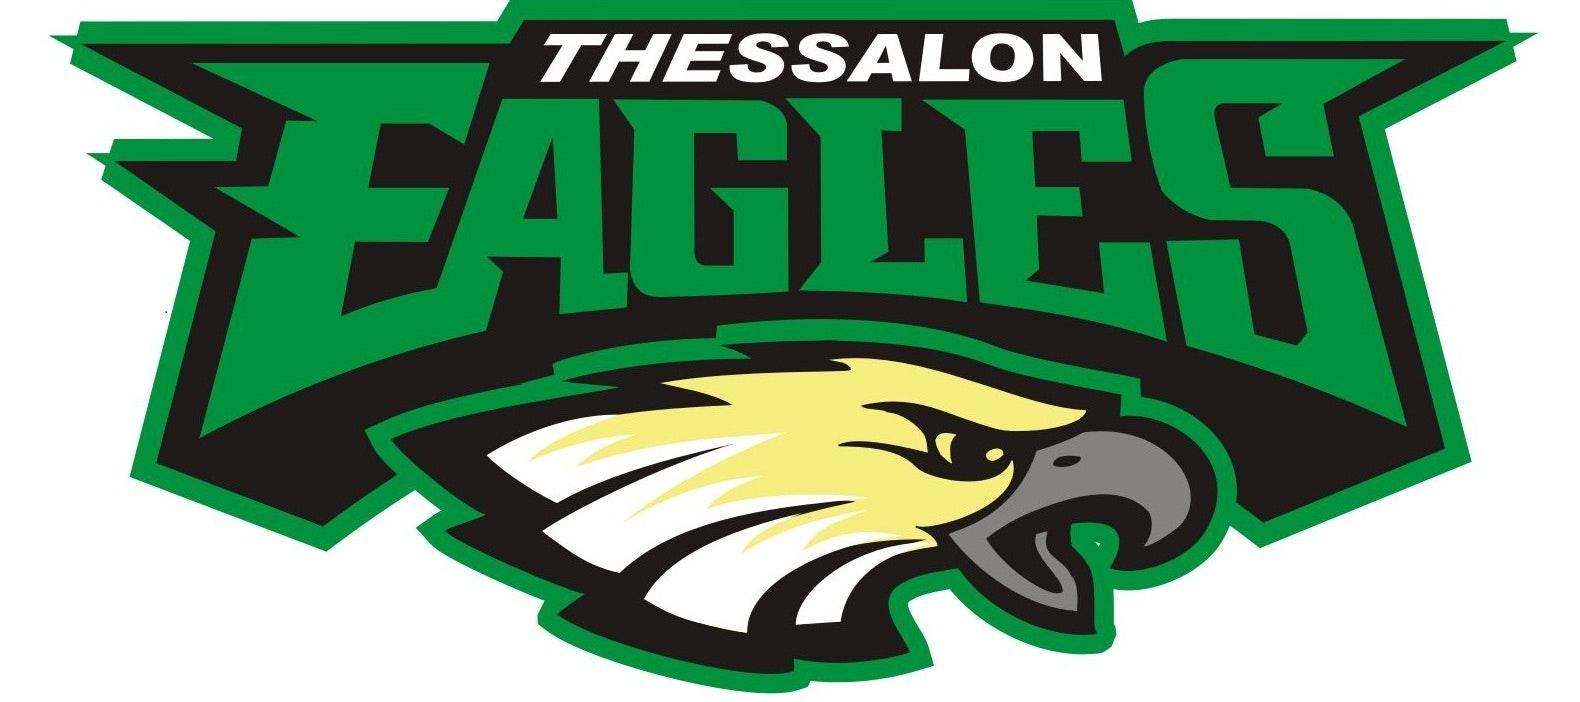 Thessalon Minor Hockey